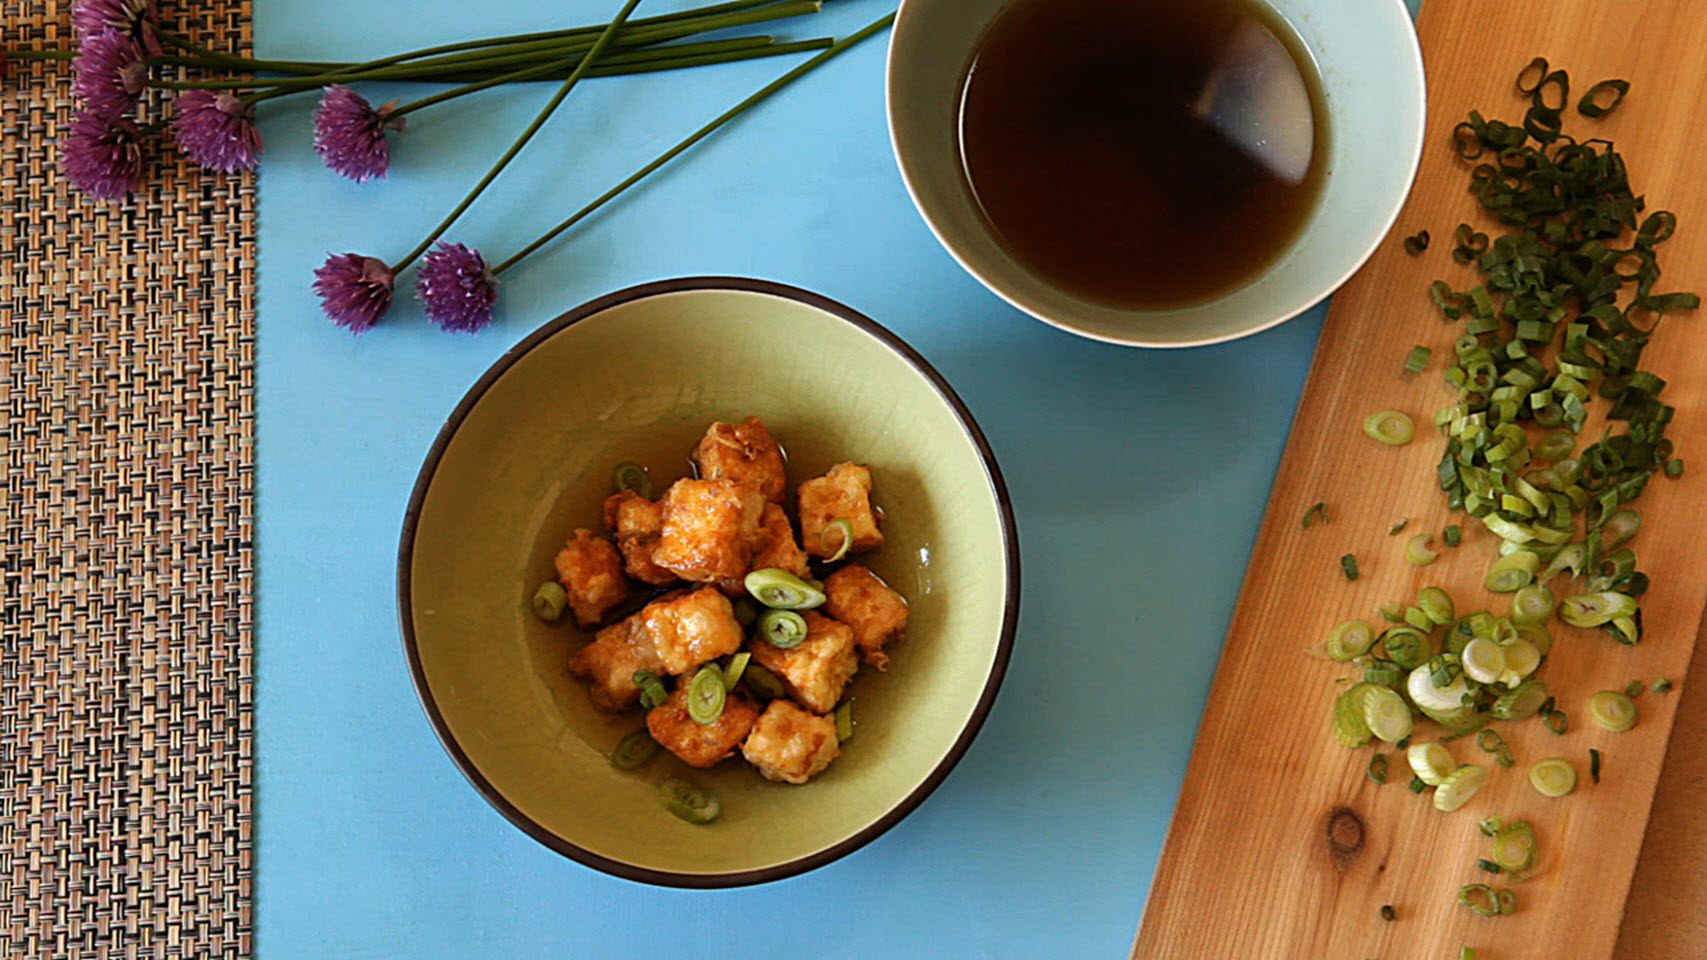 Japanese Agedashi Tofu